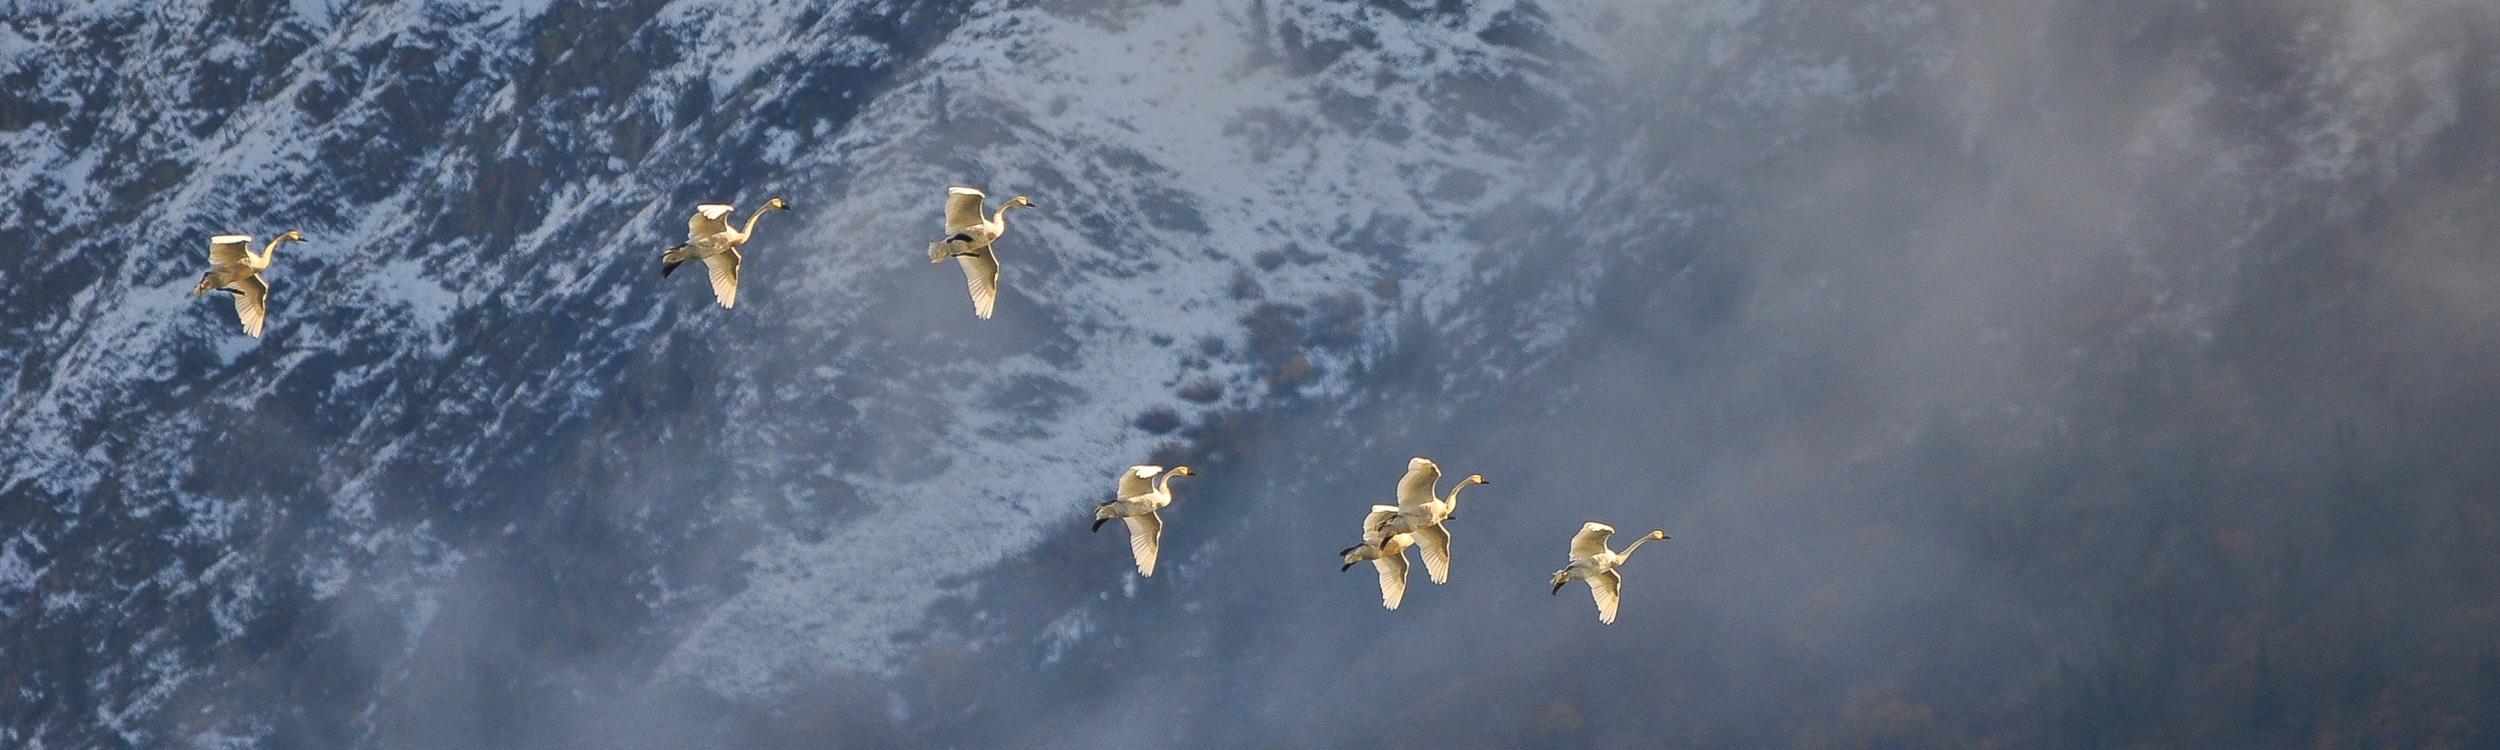 Trompetenschwäne beim Anflug